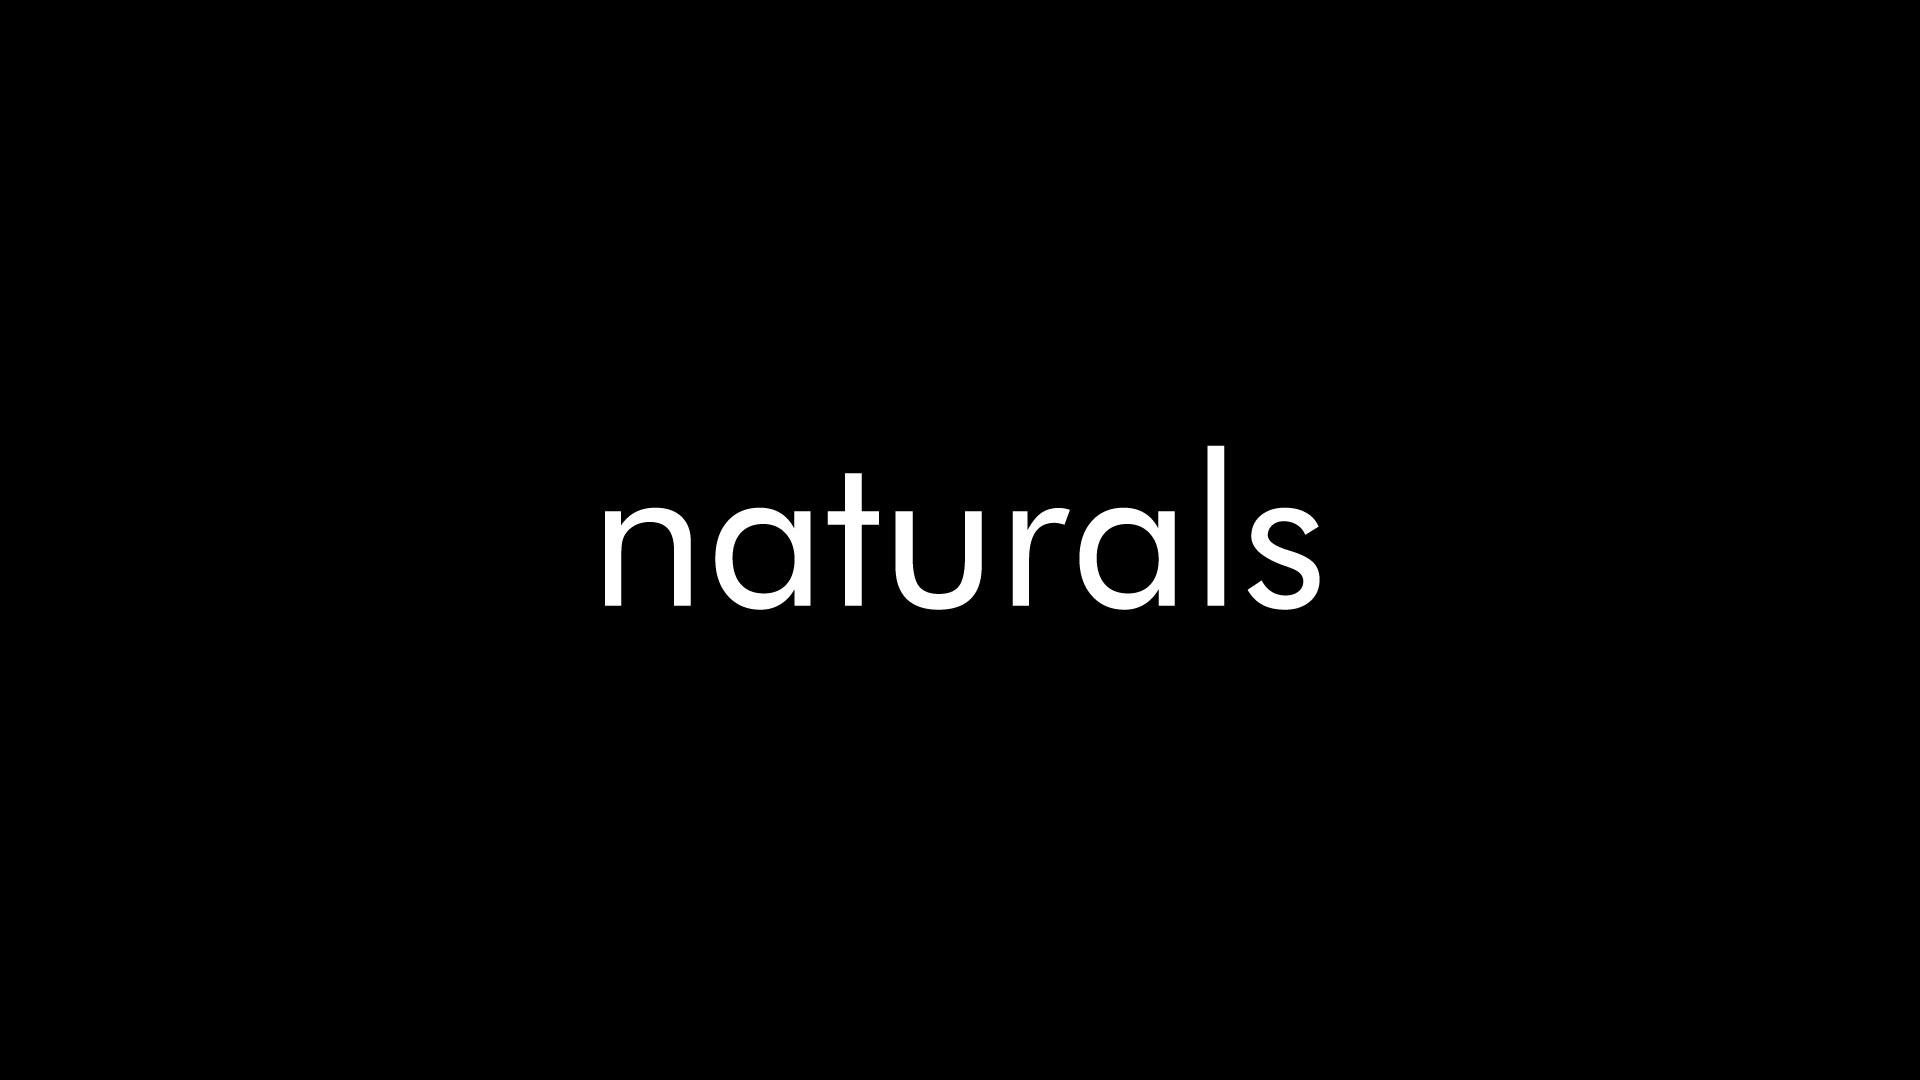 Naturals Soap Black Logo